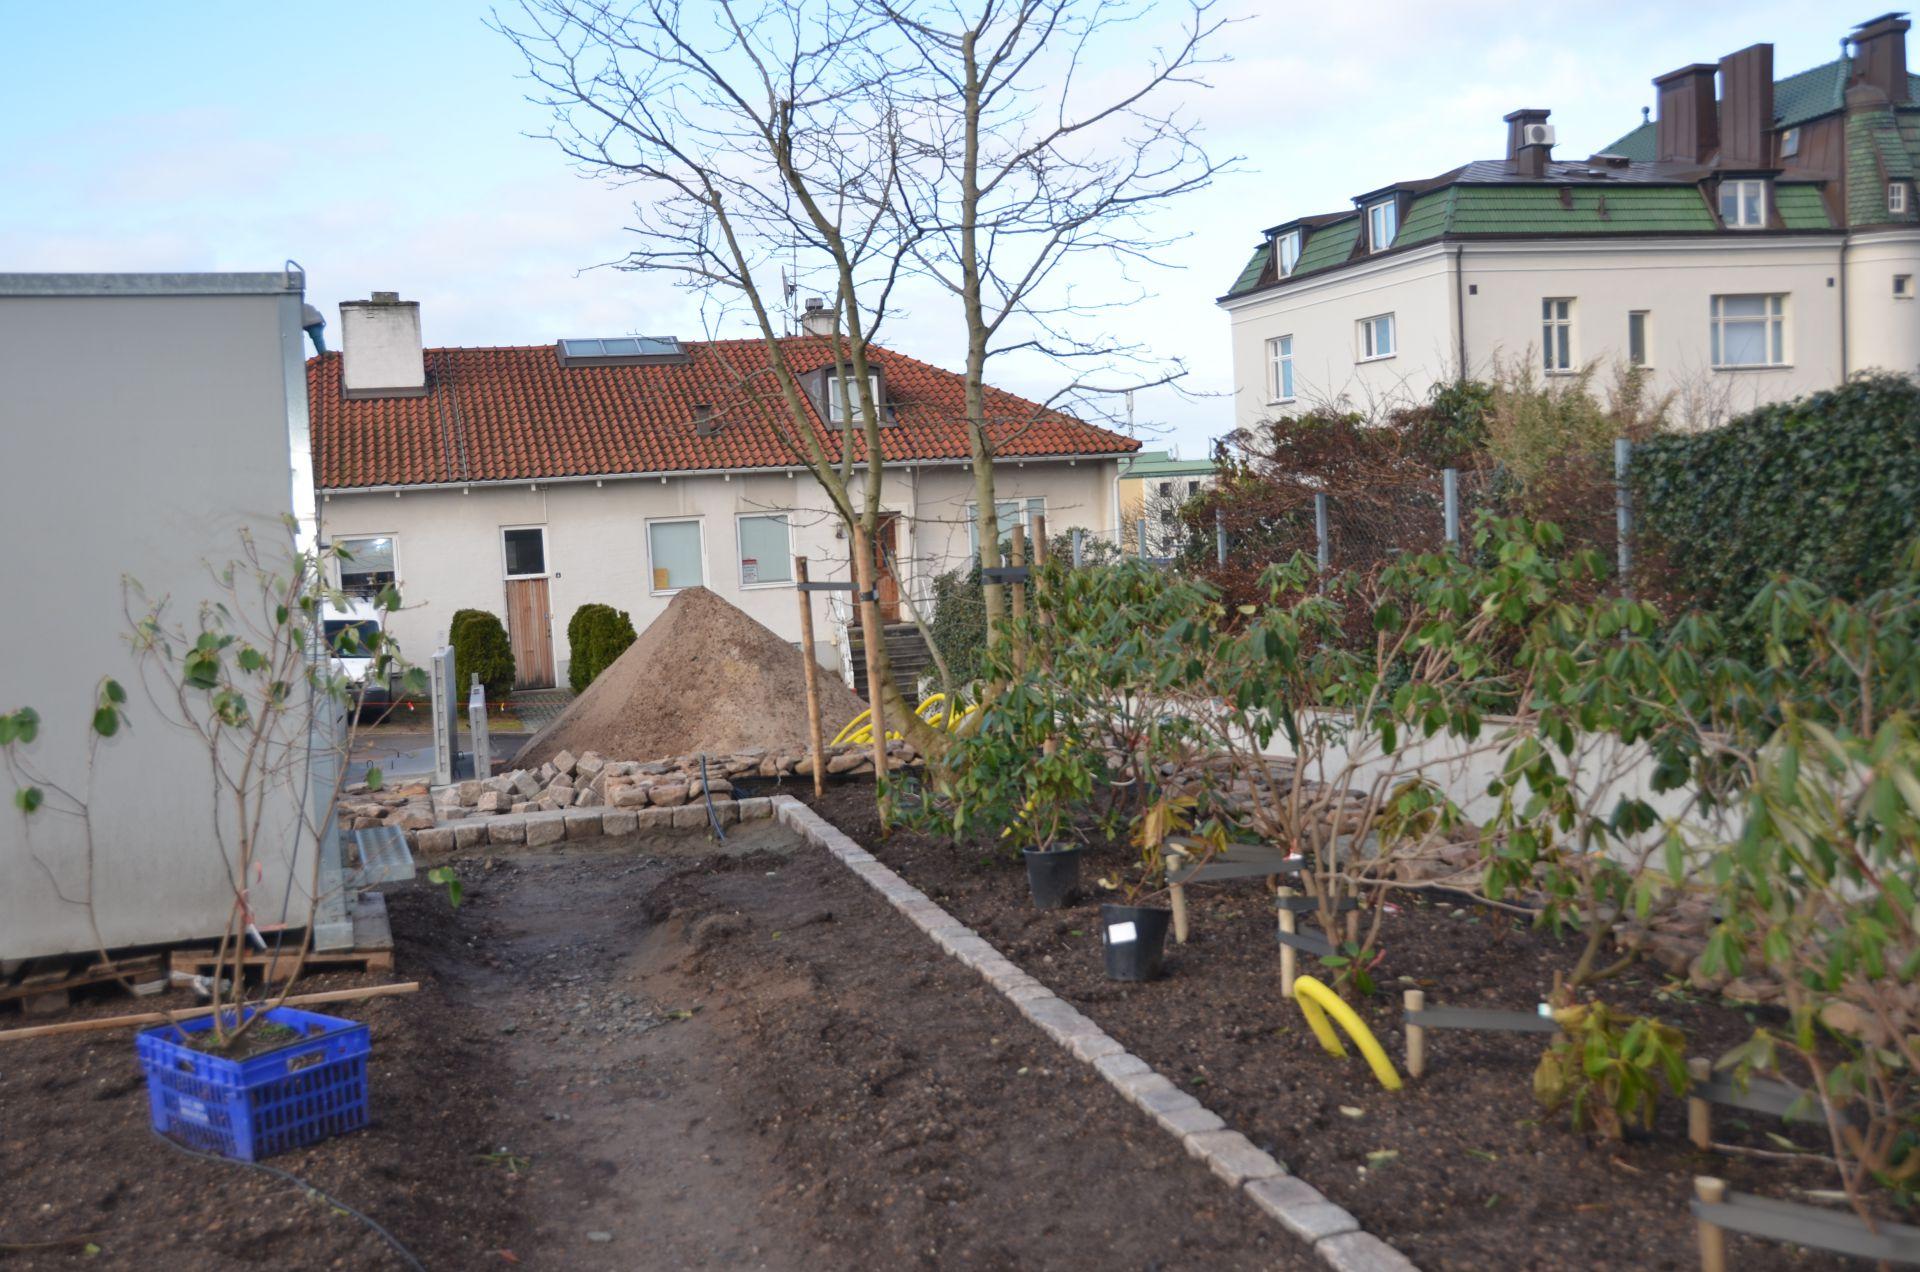 Bjäre Entreprenad anlägger ny trädgård i Helsingborg med automatisk bevattning, naturstenmurar och stengångar